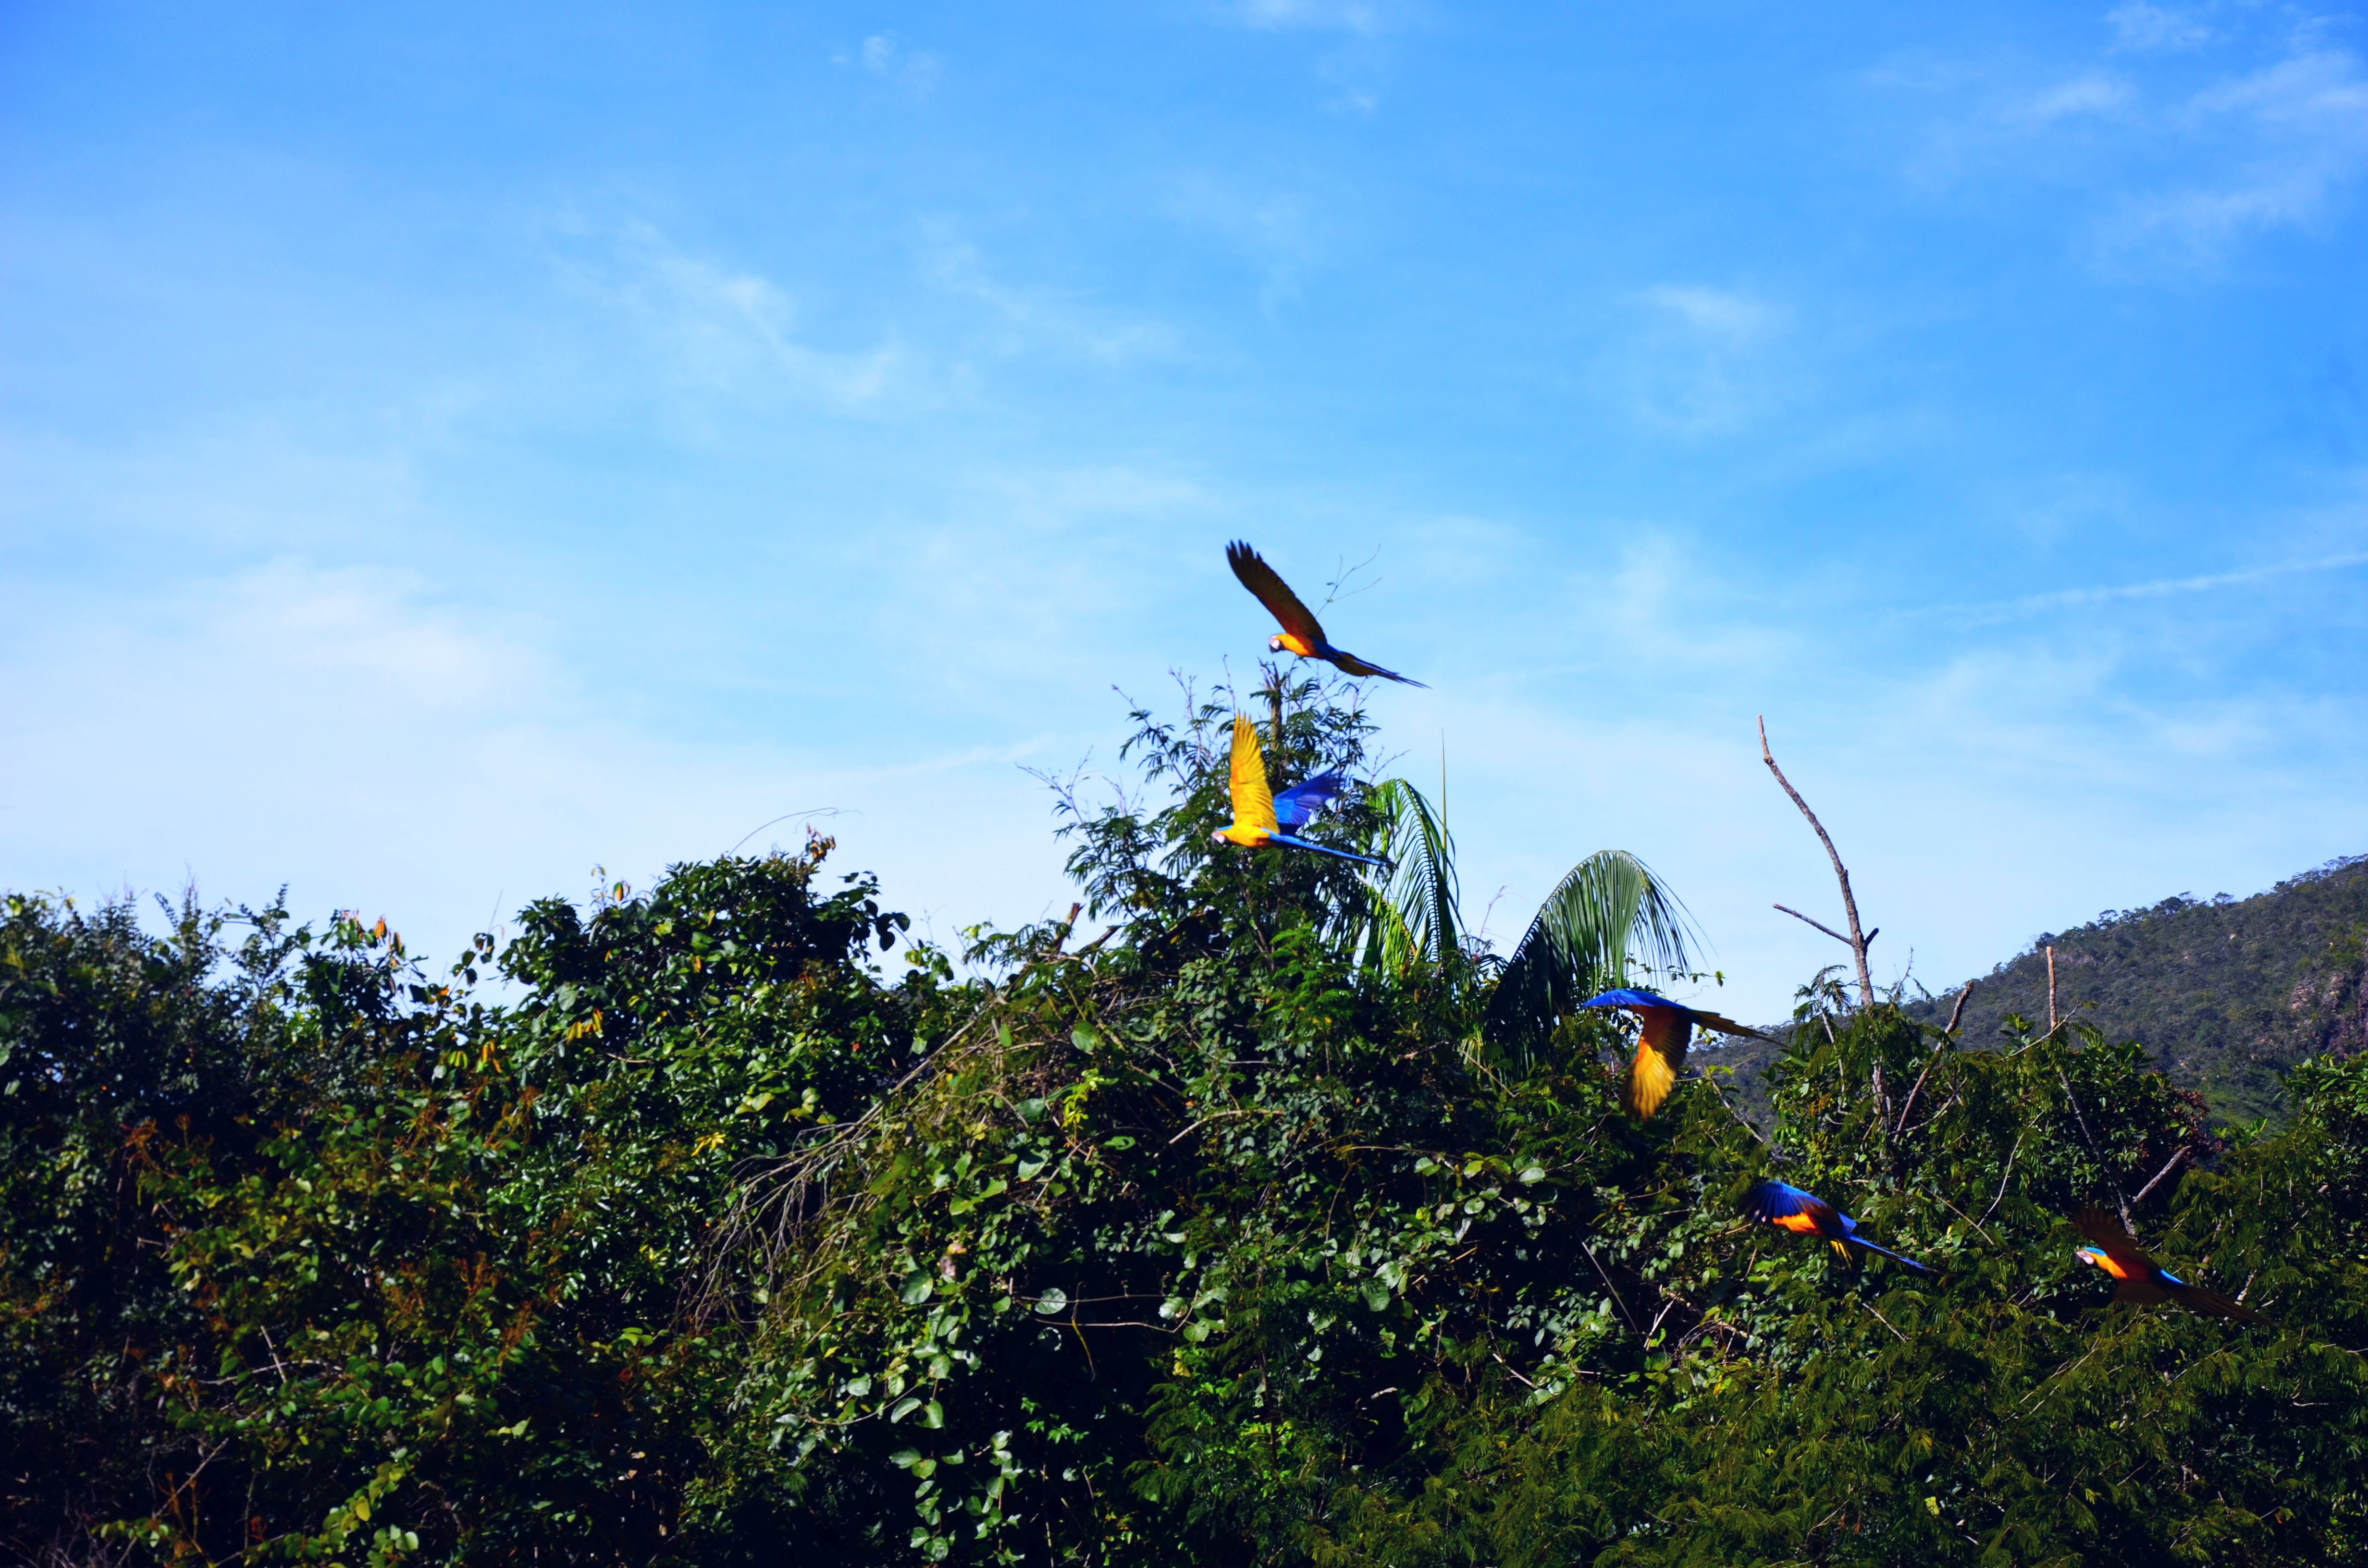 Ara papagájok reptükben (általában csak párosával repülnek)